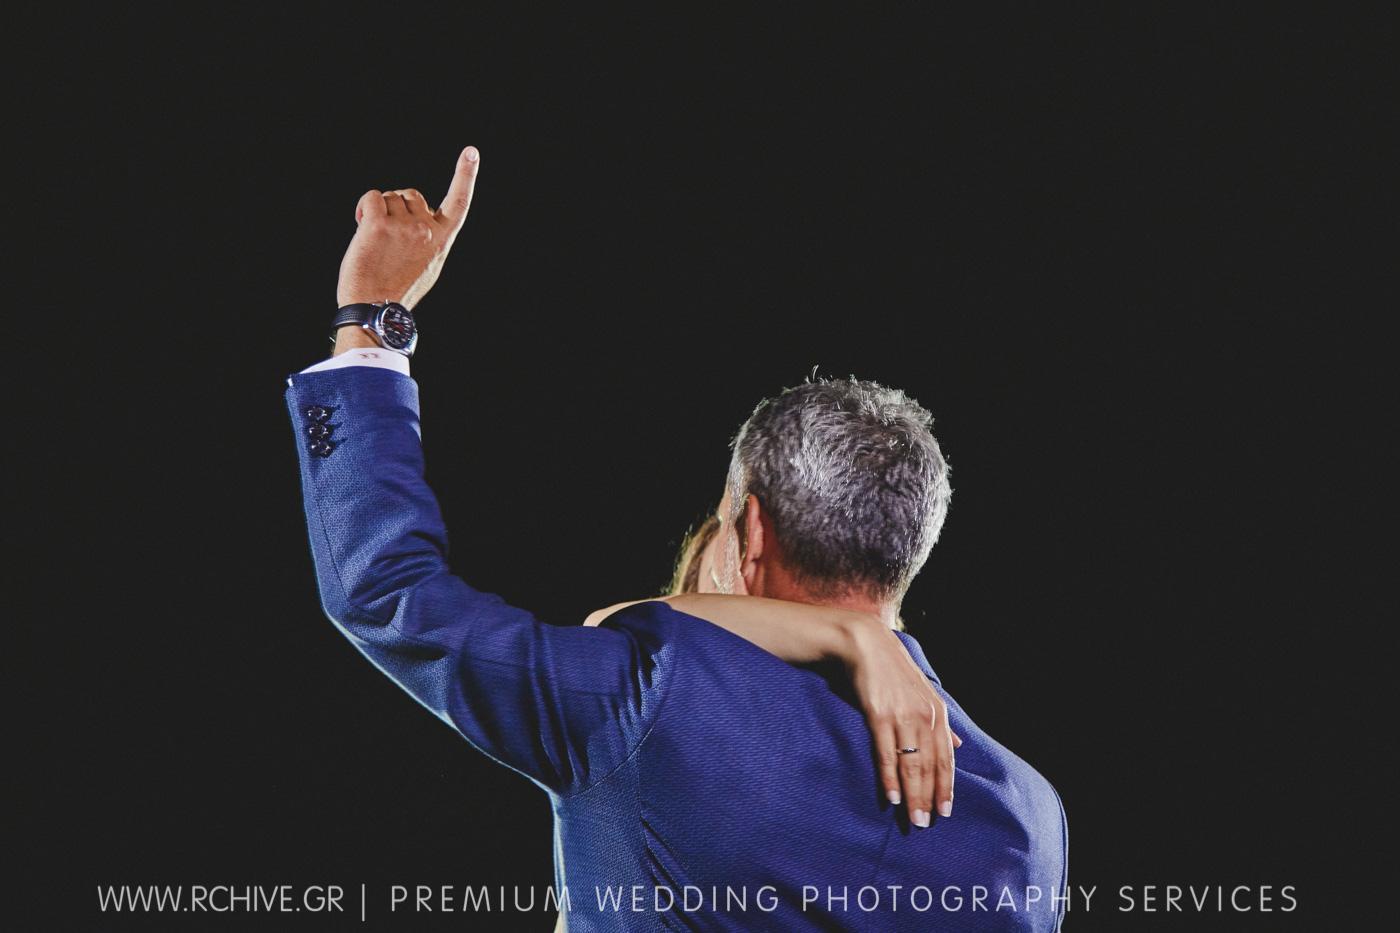 γαμήλιο πάρτυ άλσος νυμφών φωτογραφίες